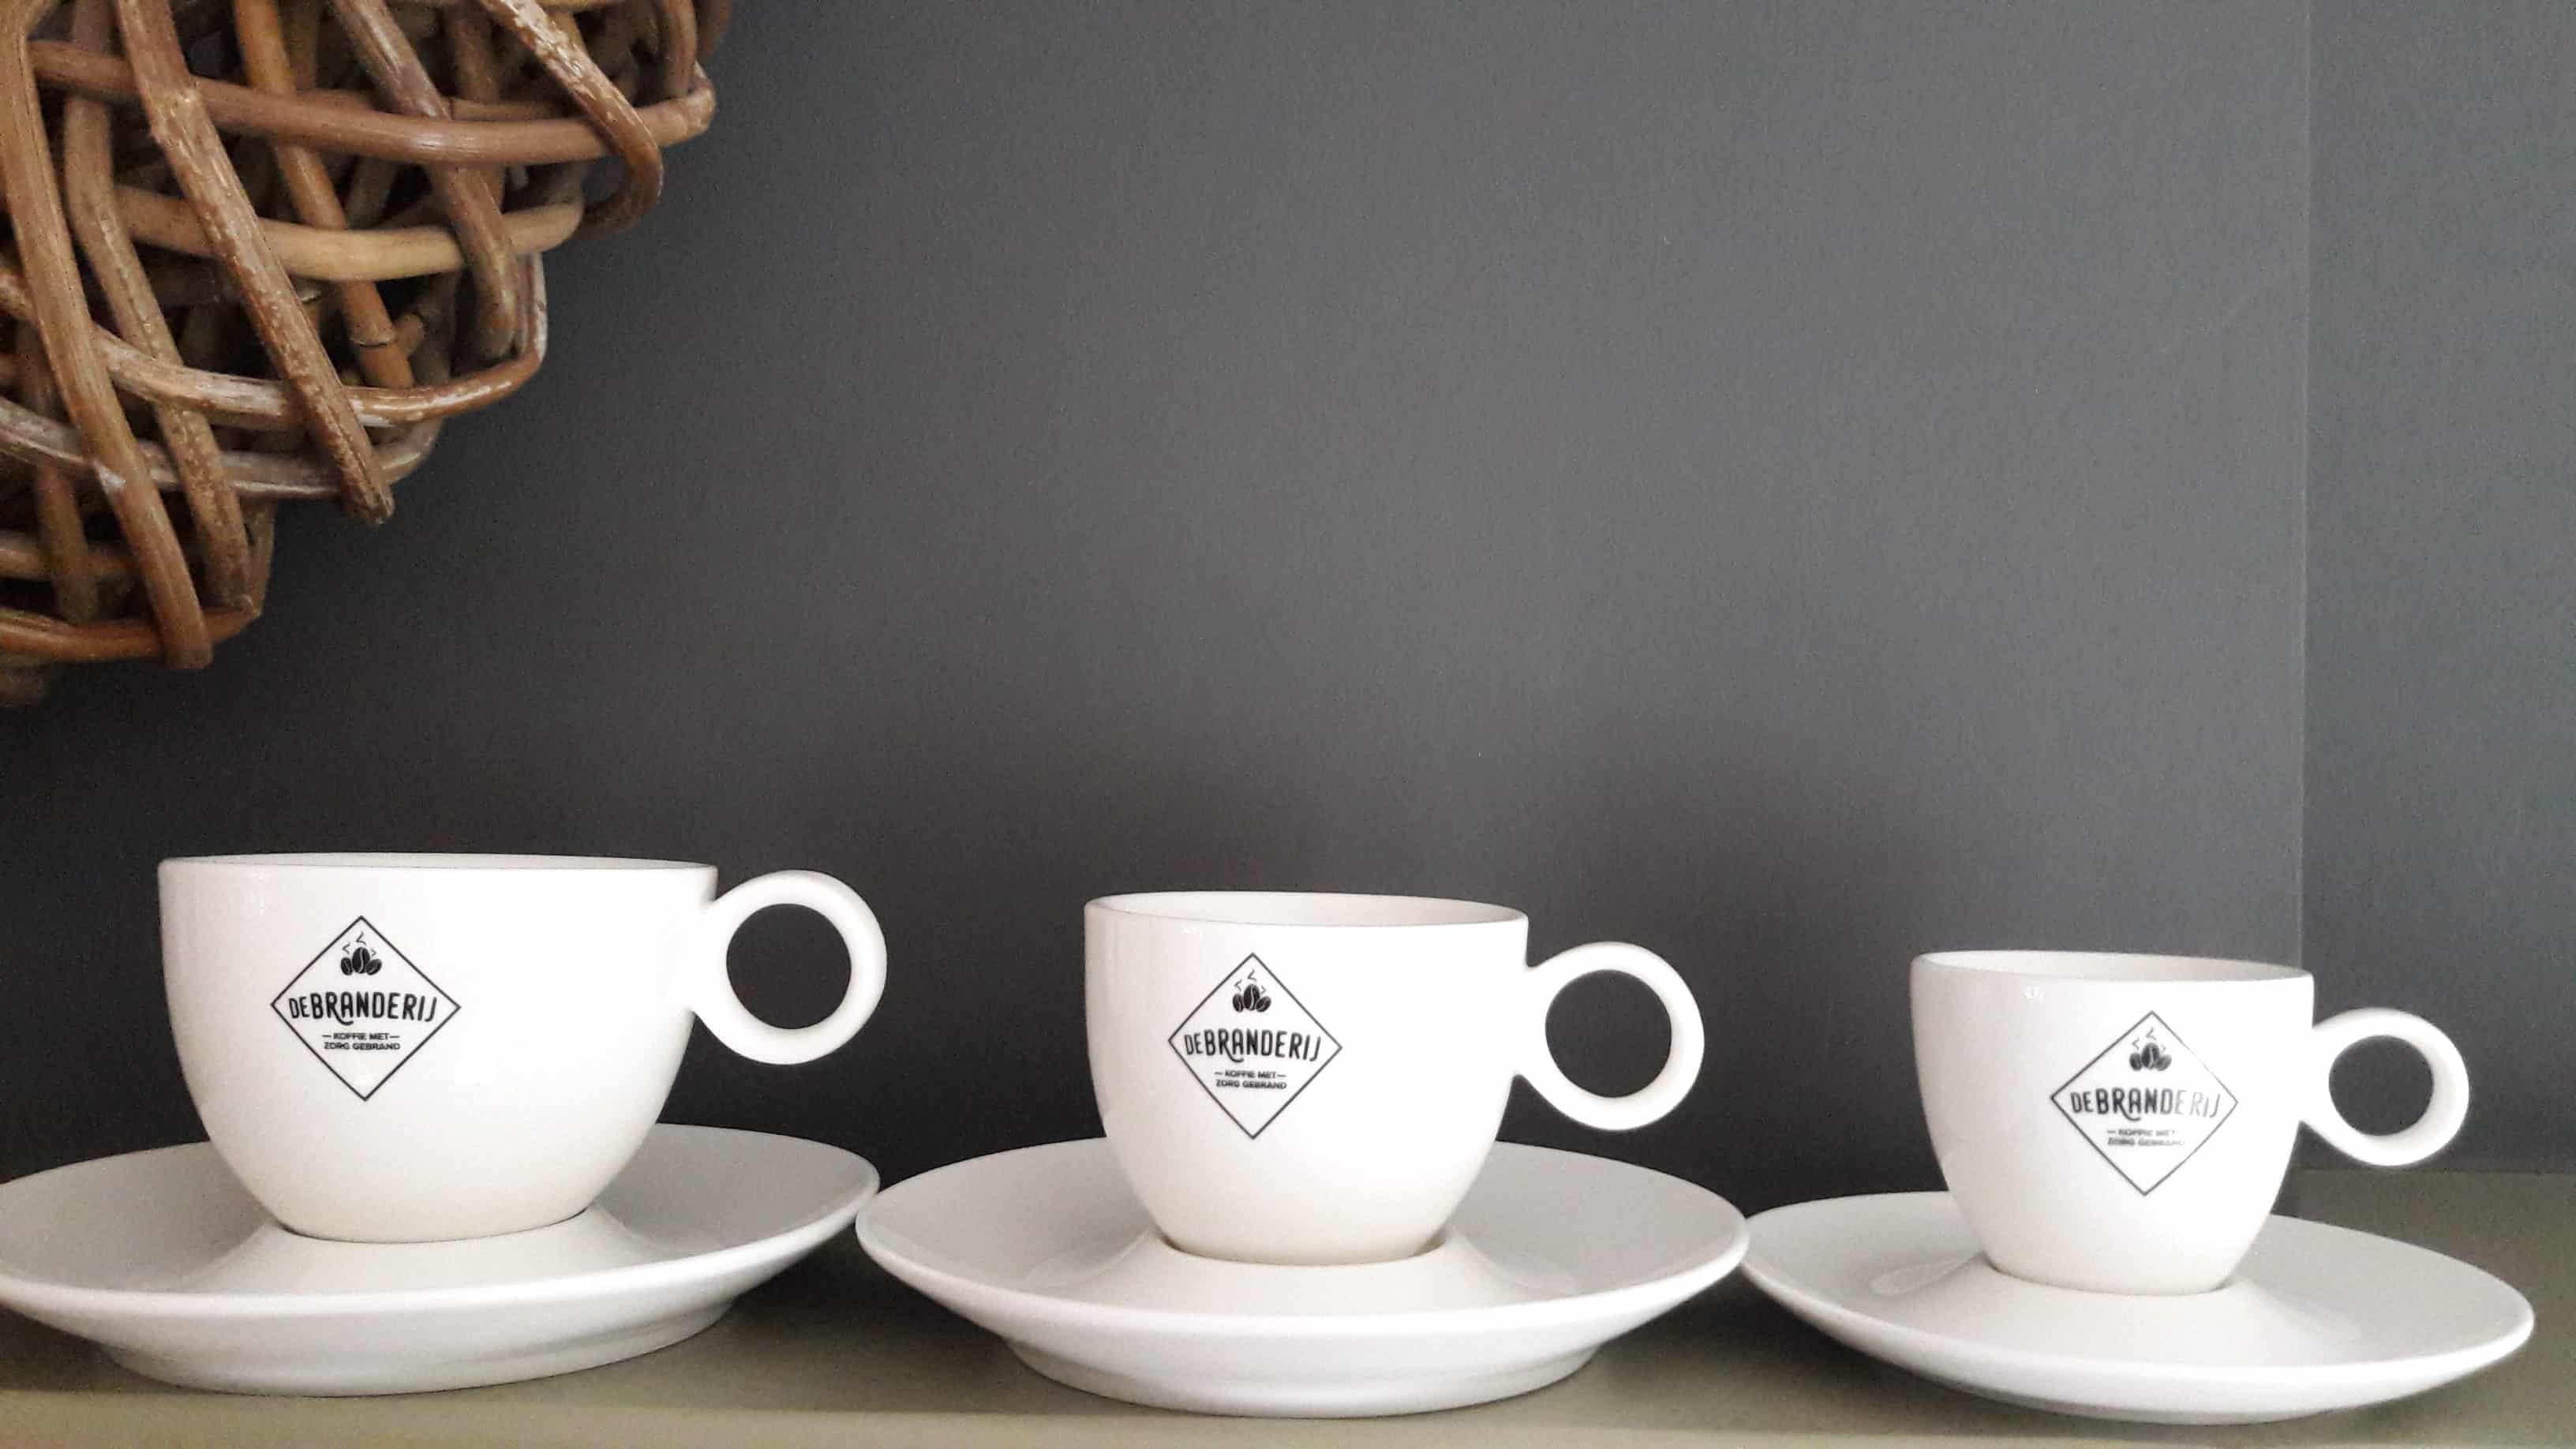 Koffie Kopjes De Branderij